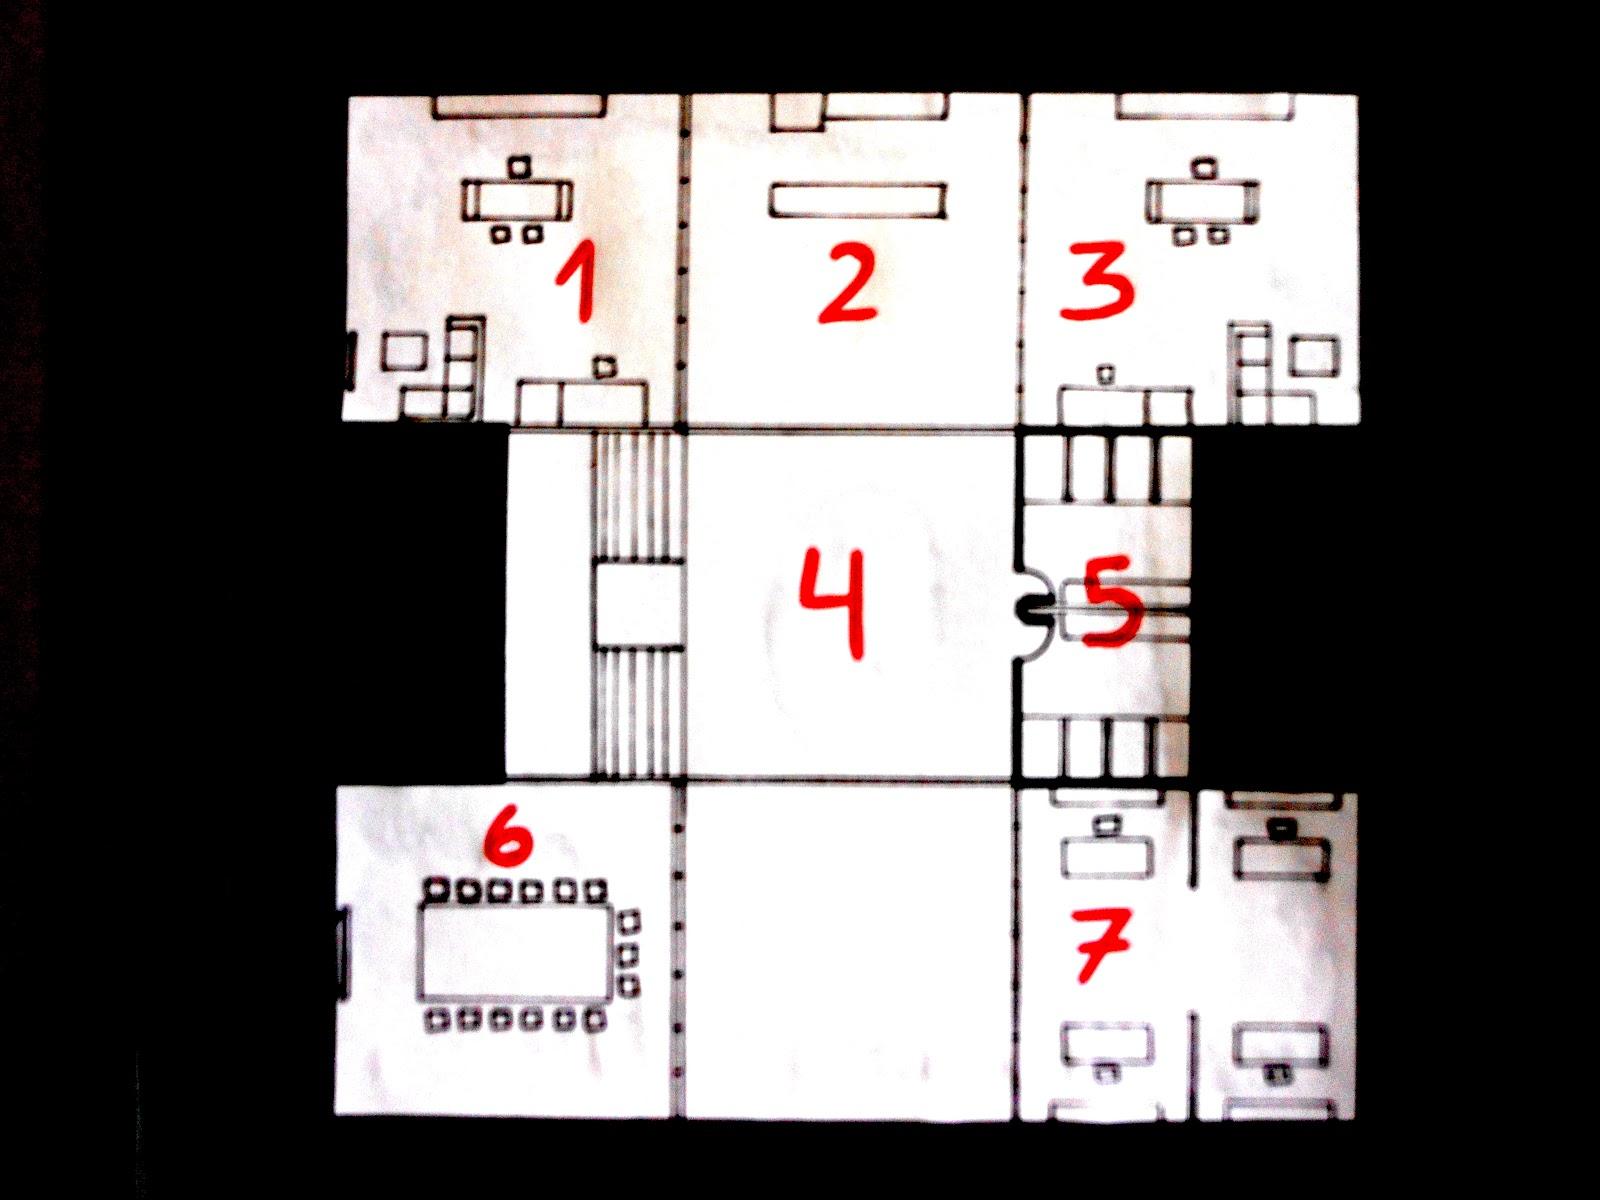 Casa m kazuyo sejima planos y distribuci n del estudio for Oficinas administrativas planos